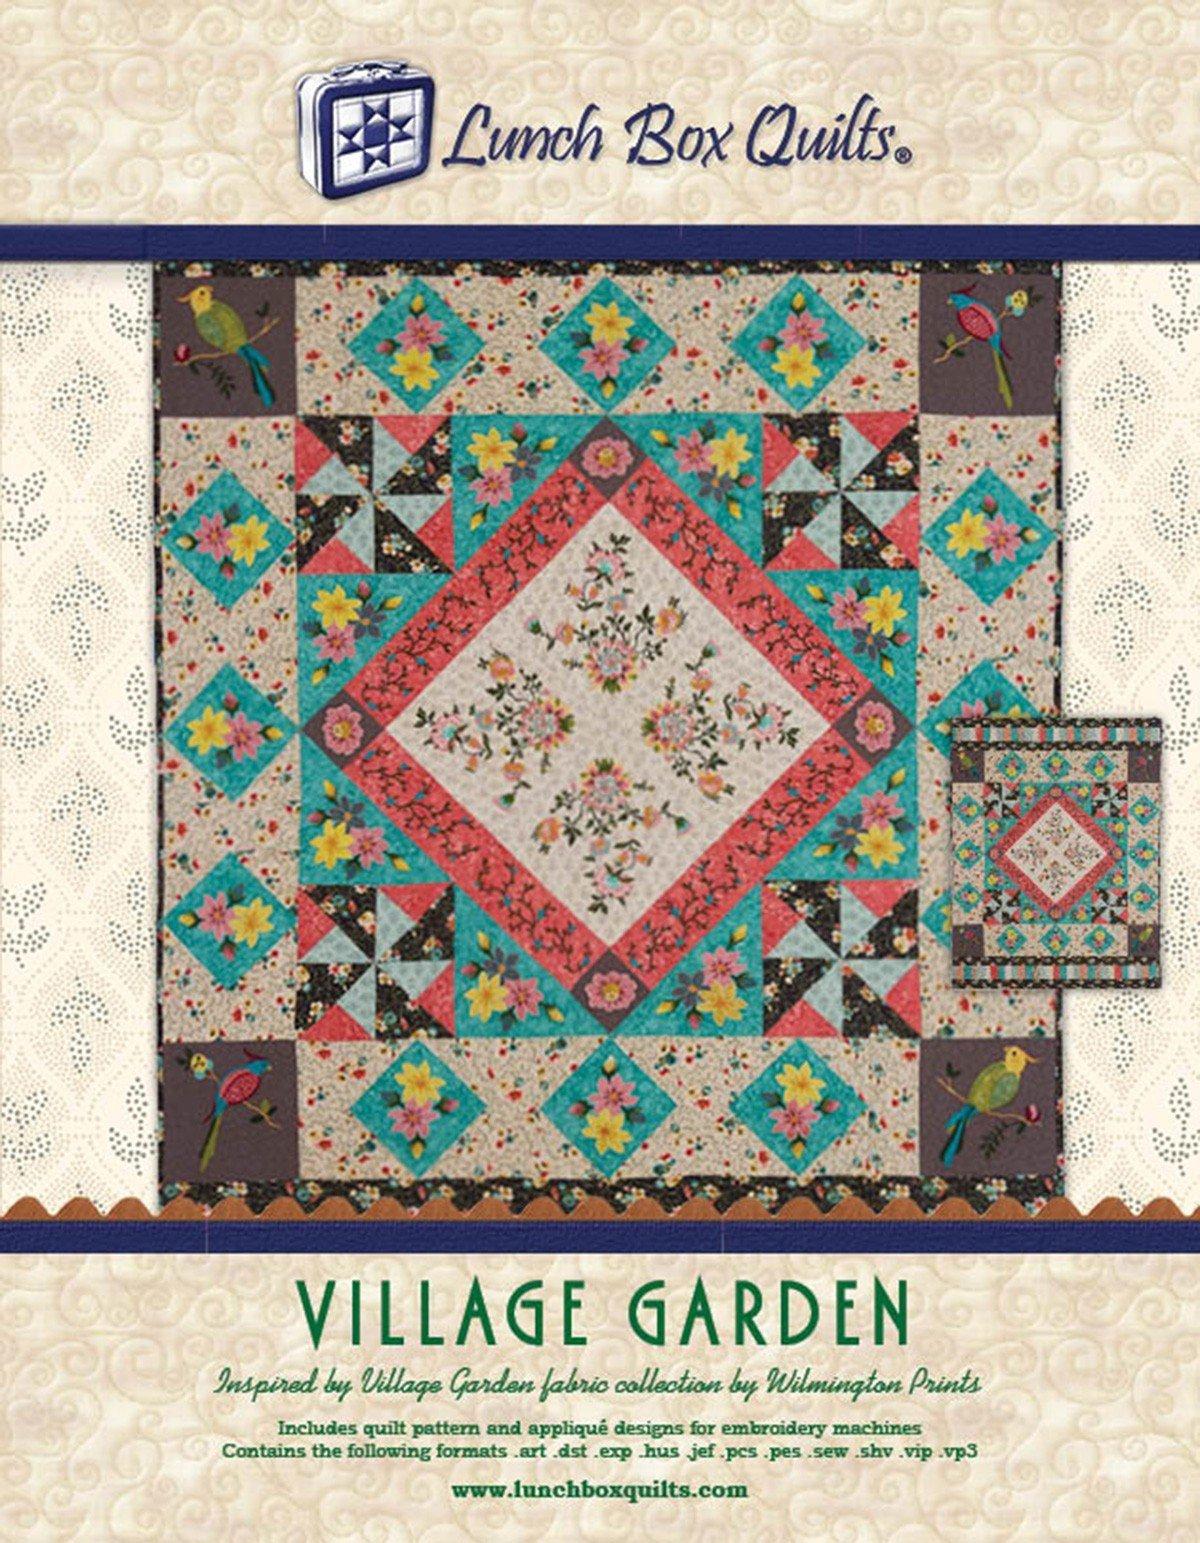 LBQ - Village Garden